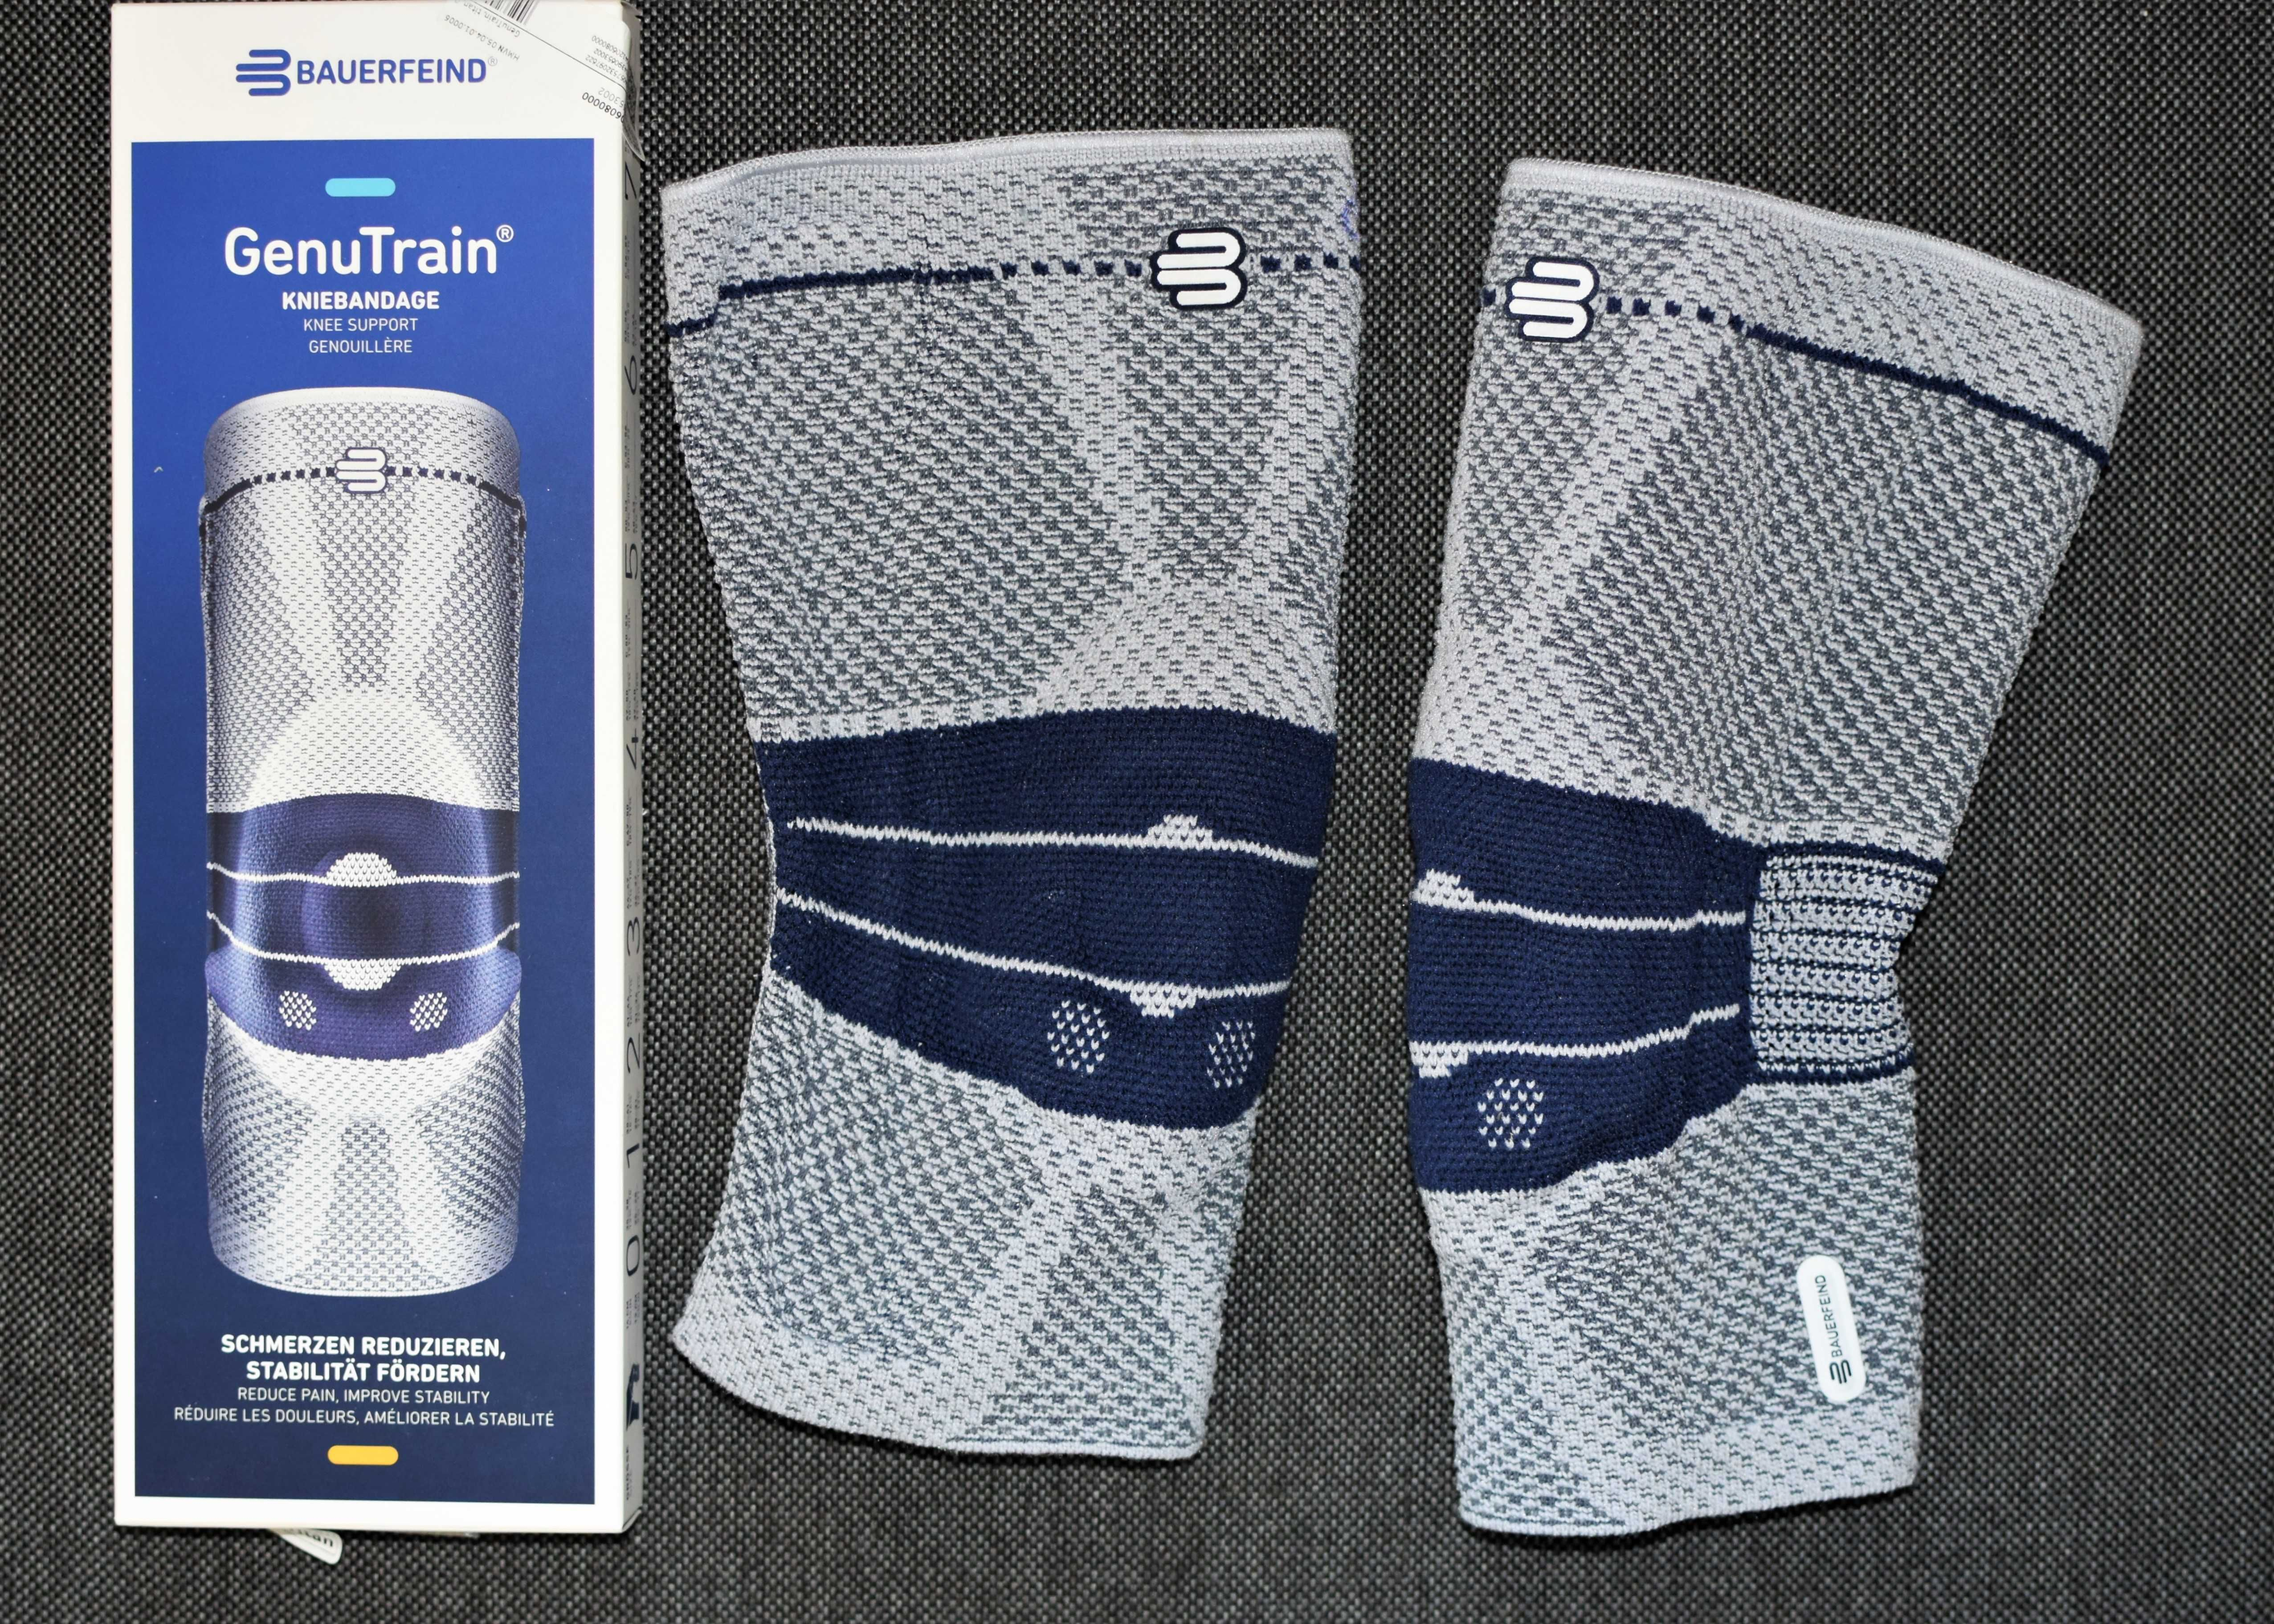 Orteza stabilizator kolana GenuTrain oryginalny rozmiar 0 dla dzieci